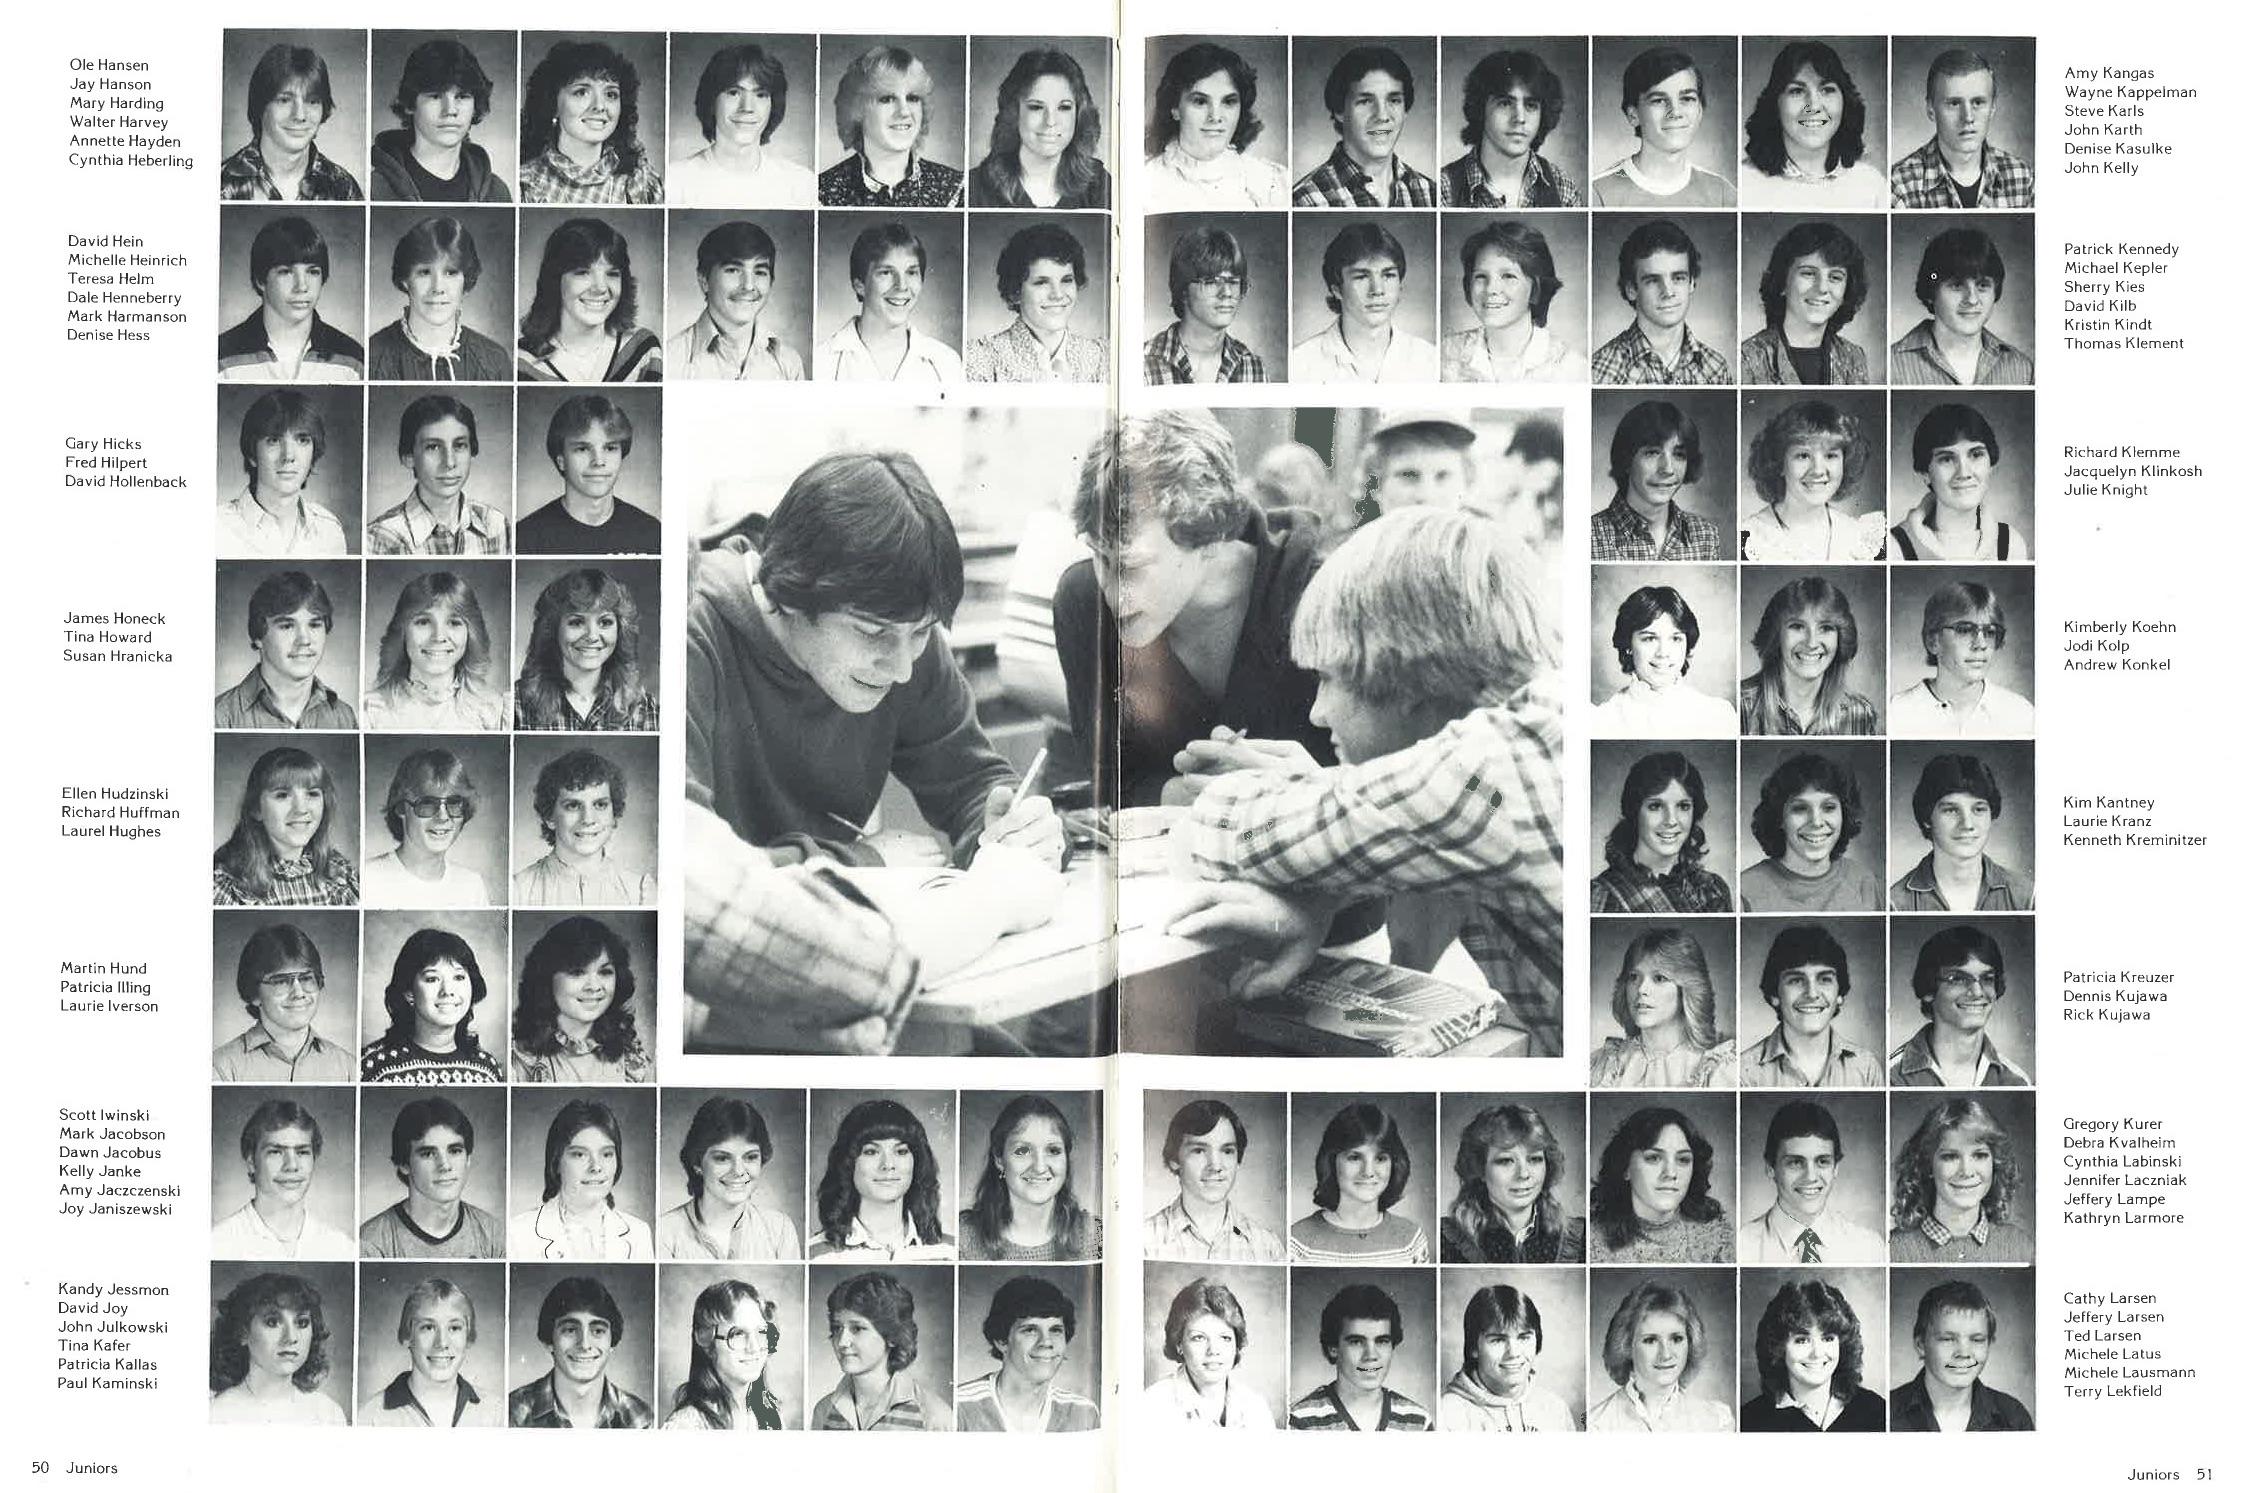 1983_Yearbook_26.jpg